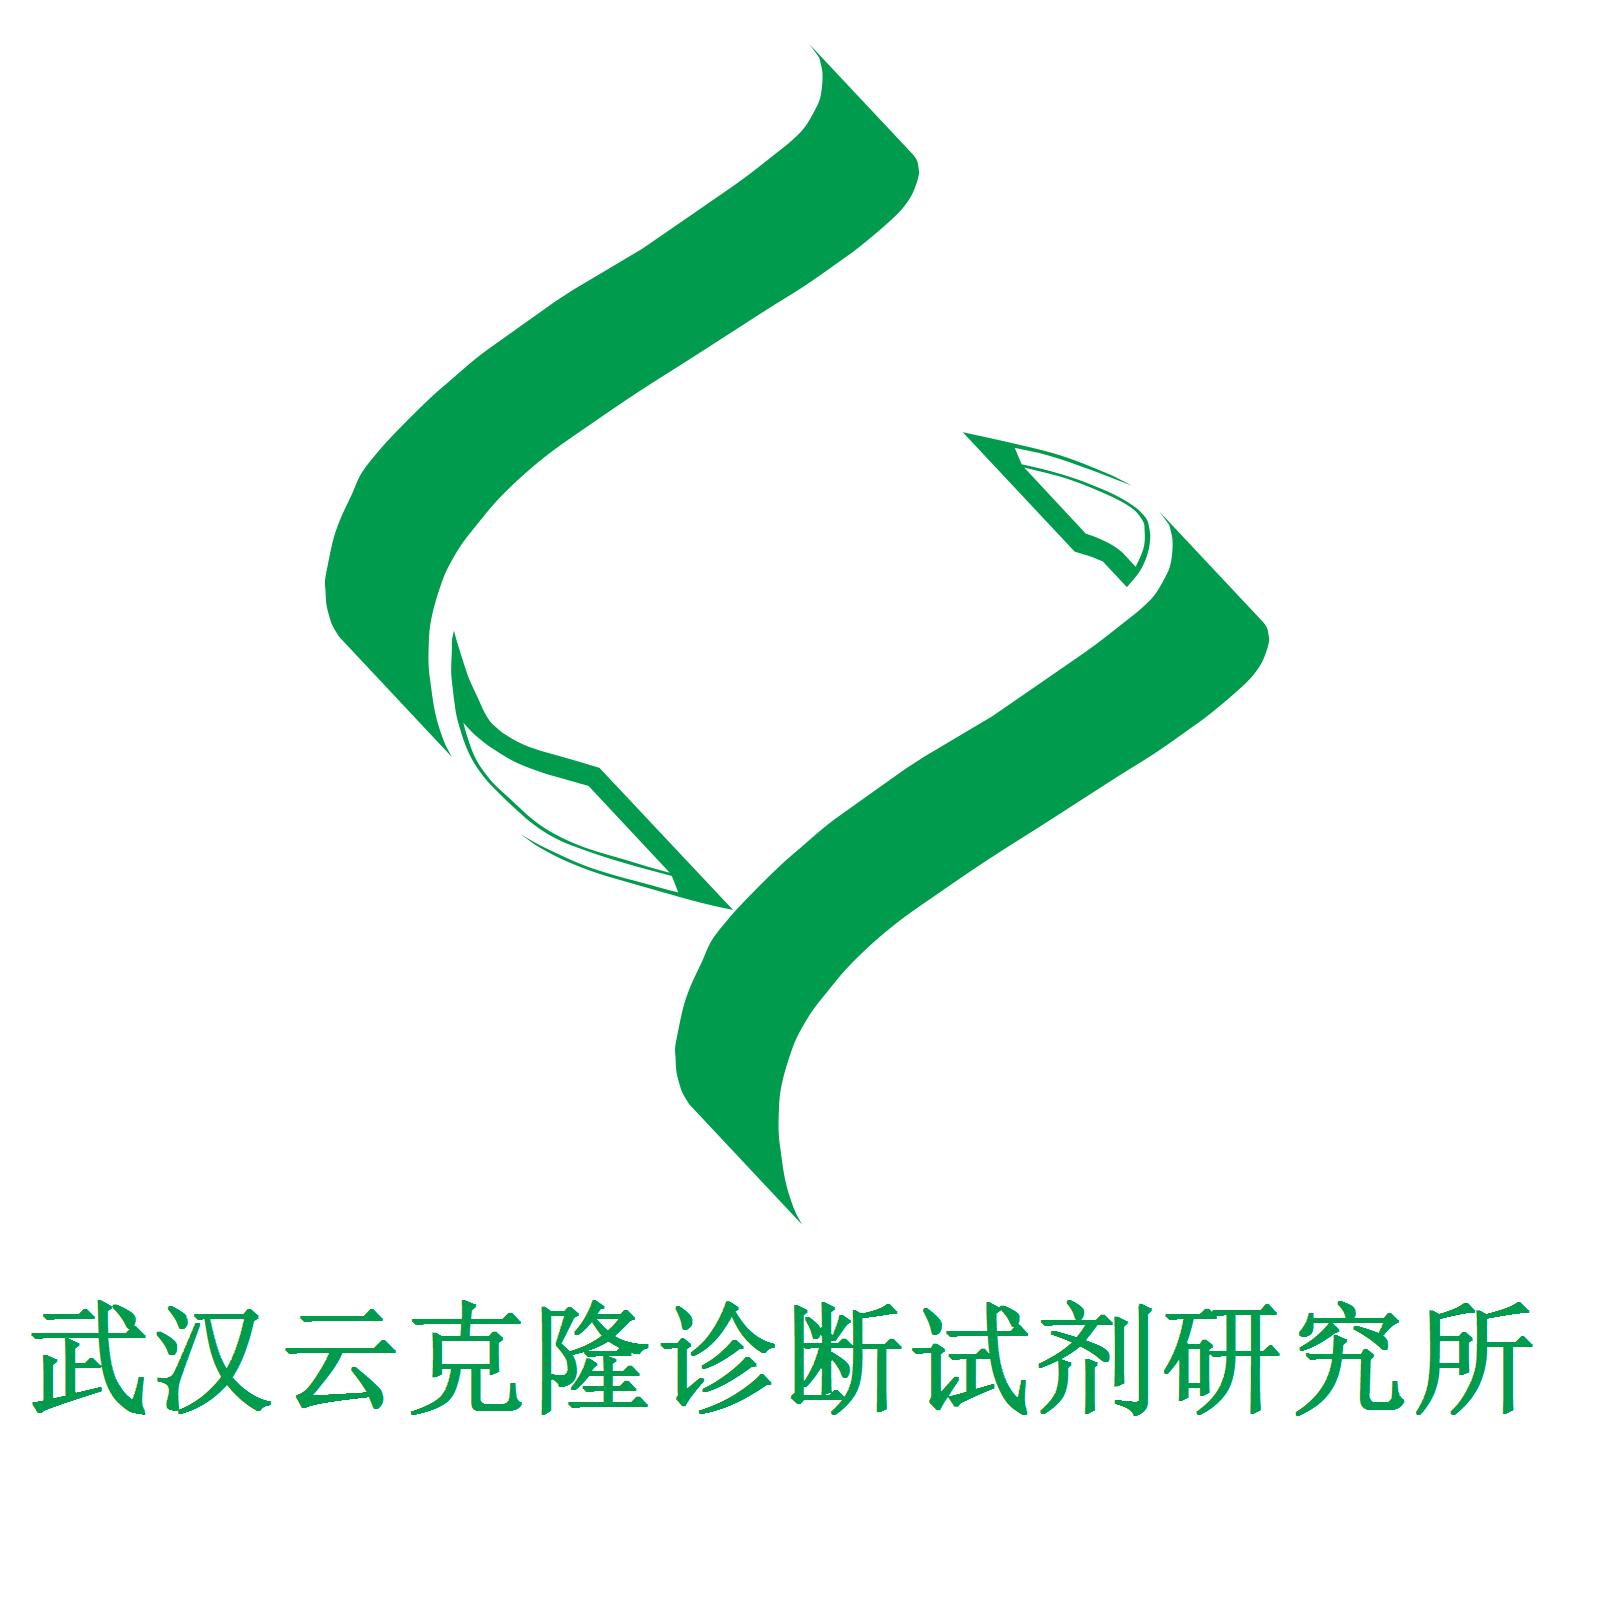 大鼠盲肠结扎穿孔术(CLP)致脓毒症模型